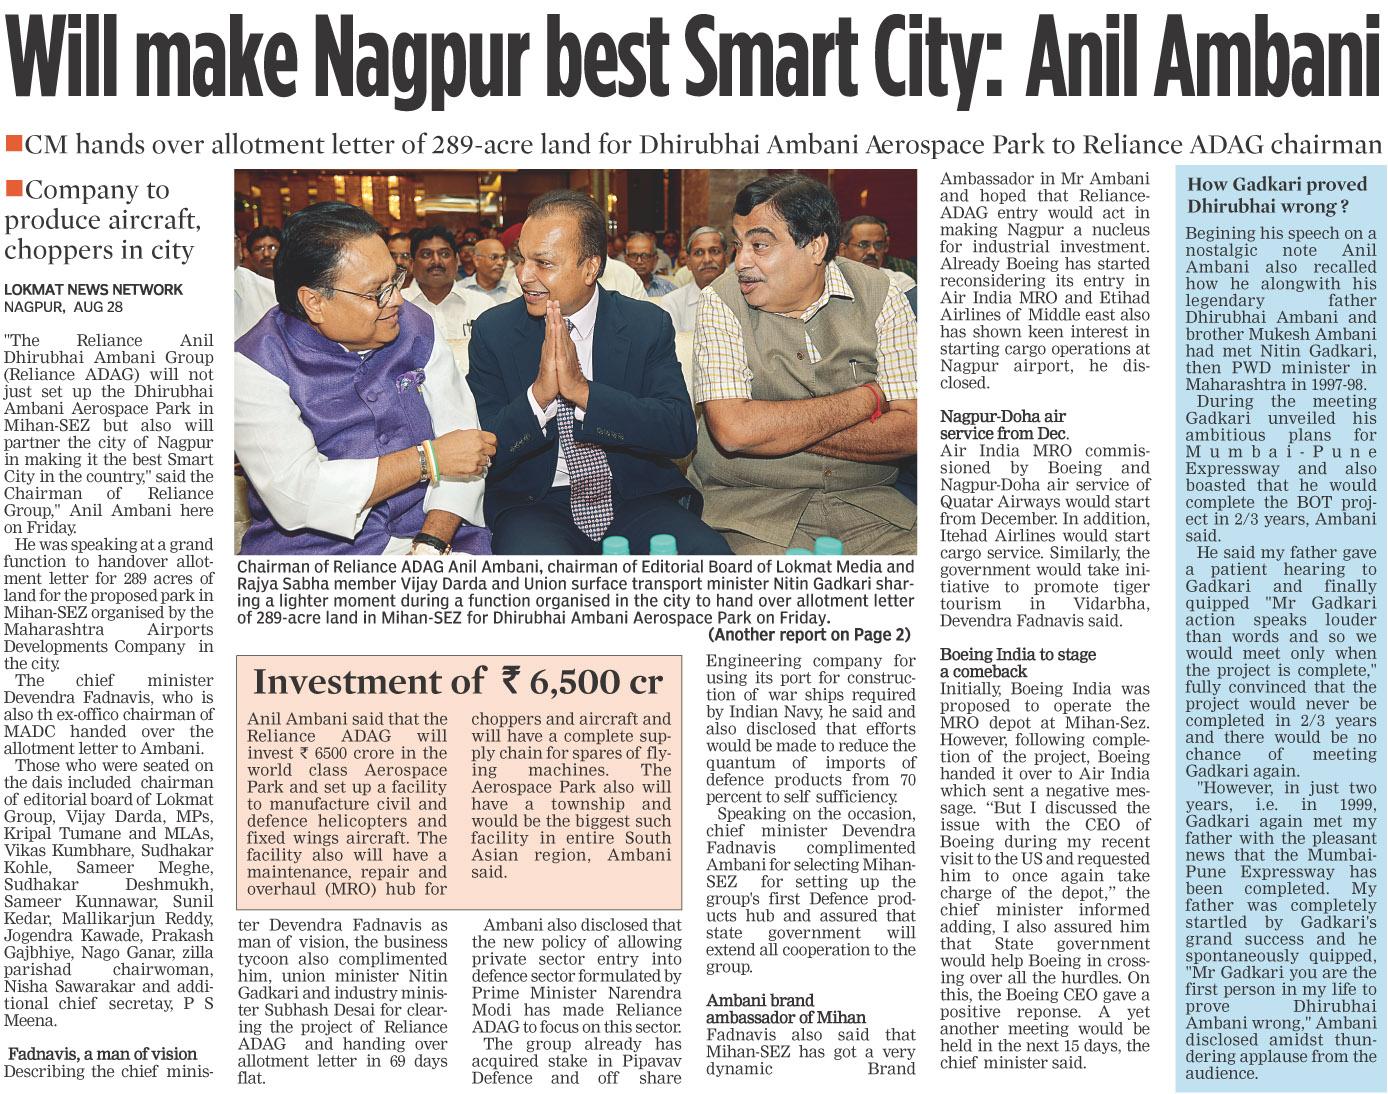 Will make Nagpur best Smart City: Anil Ambani